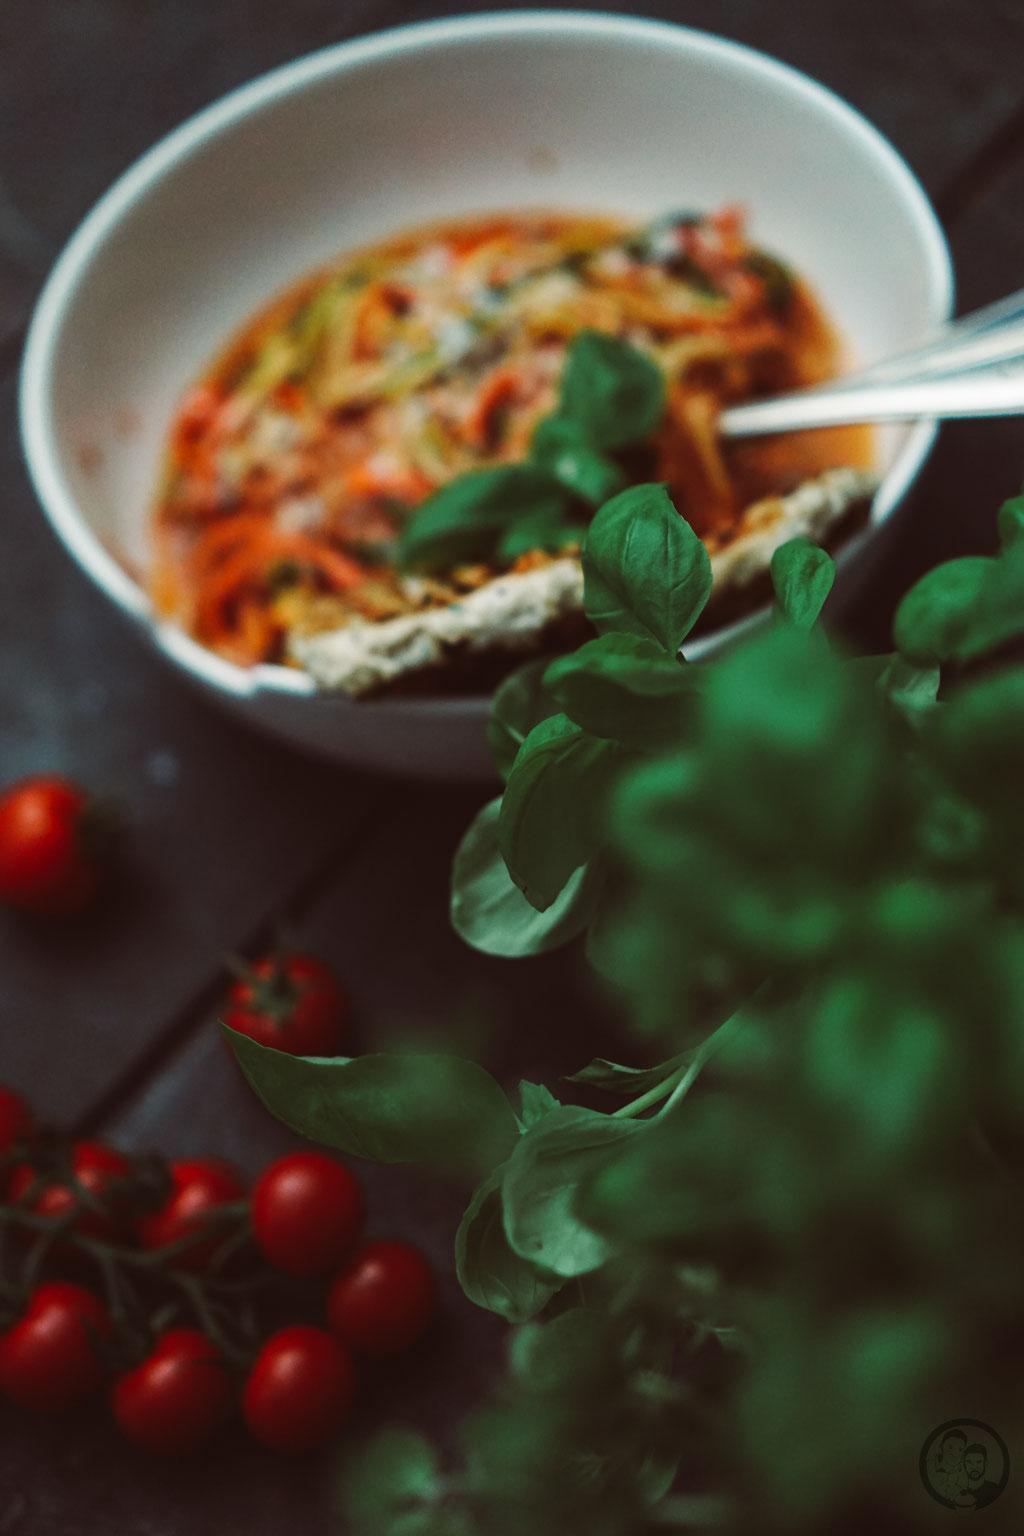 image 8 6 7 | Mit den Vorsätzen ist es ja immer so eine Sache. Man fasst sie, dann sind sie schnell wieder verworfen und wer braucht schon so etwas fürs neue Jahr?! Wir haben uns jetzt einen Vorsatz gefasst und daher gibt esbei uns in nächster Zeit auch mal wieder etwas leichtere Küche; wie zum Beispiel diese leckeren Zoodles in Tomaten-Ricotta-Sauce mit Hähnchenfleisch.